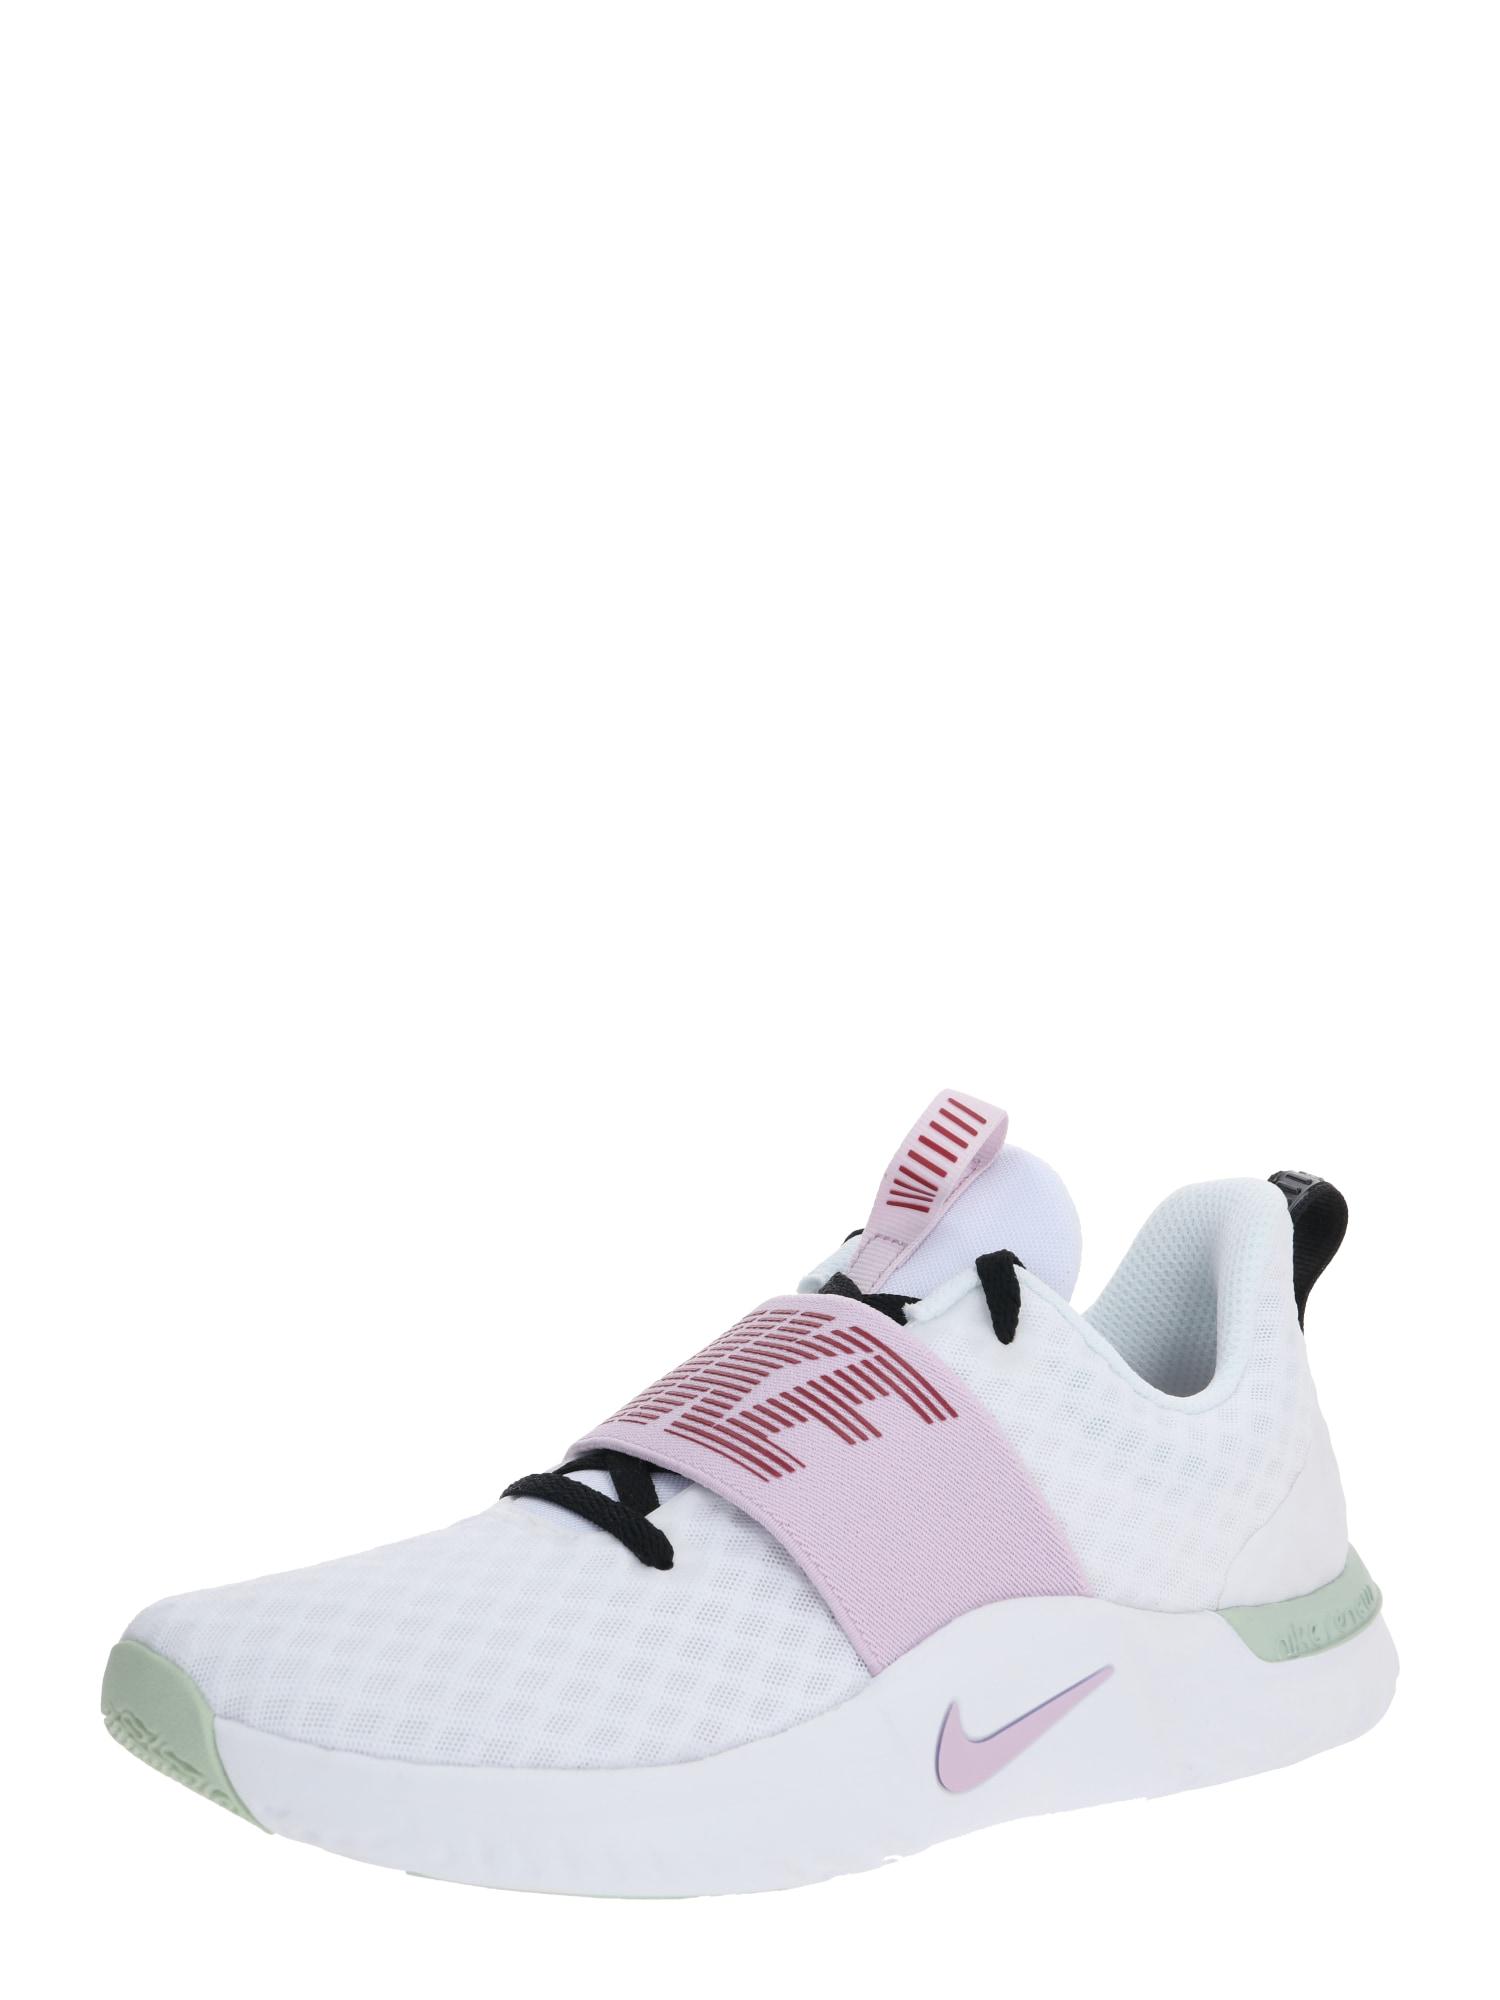 NIKE Sportiniai batai 'Atmosphere' balta / rožių spalva